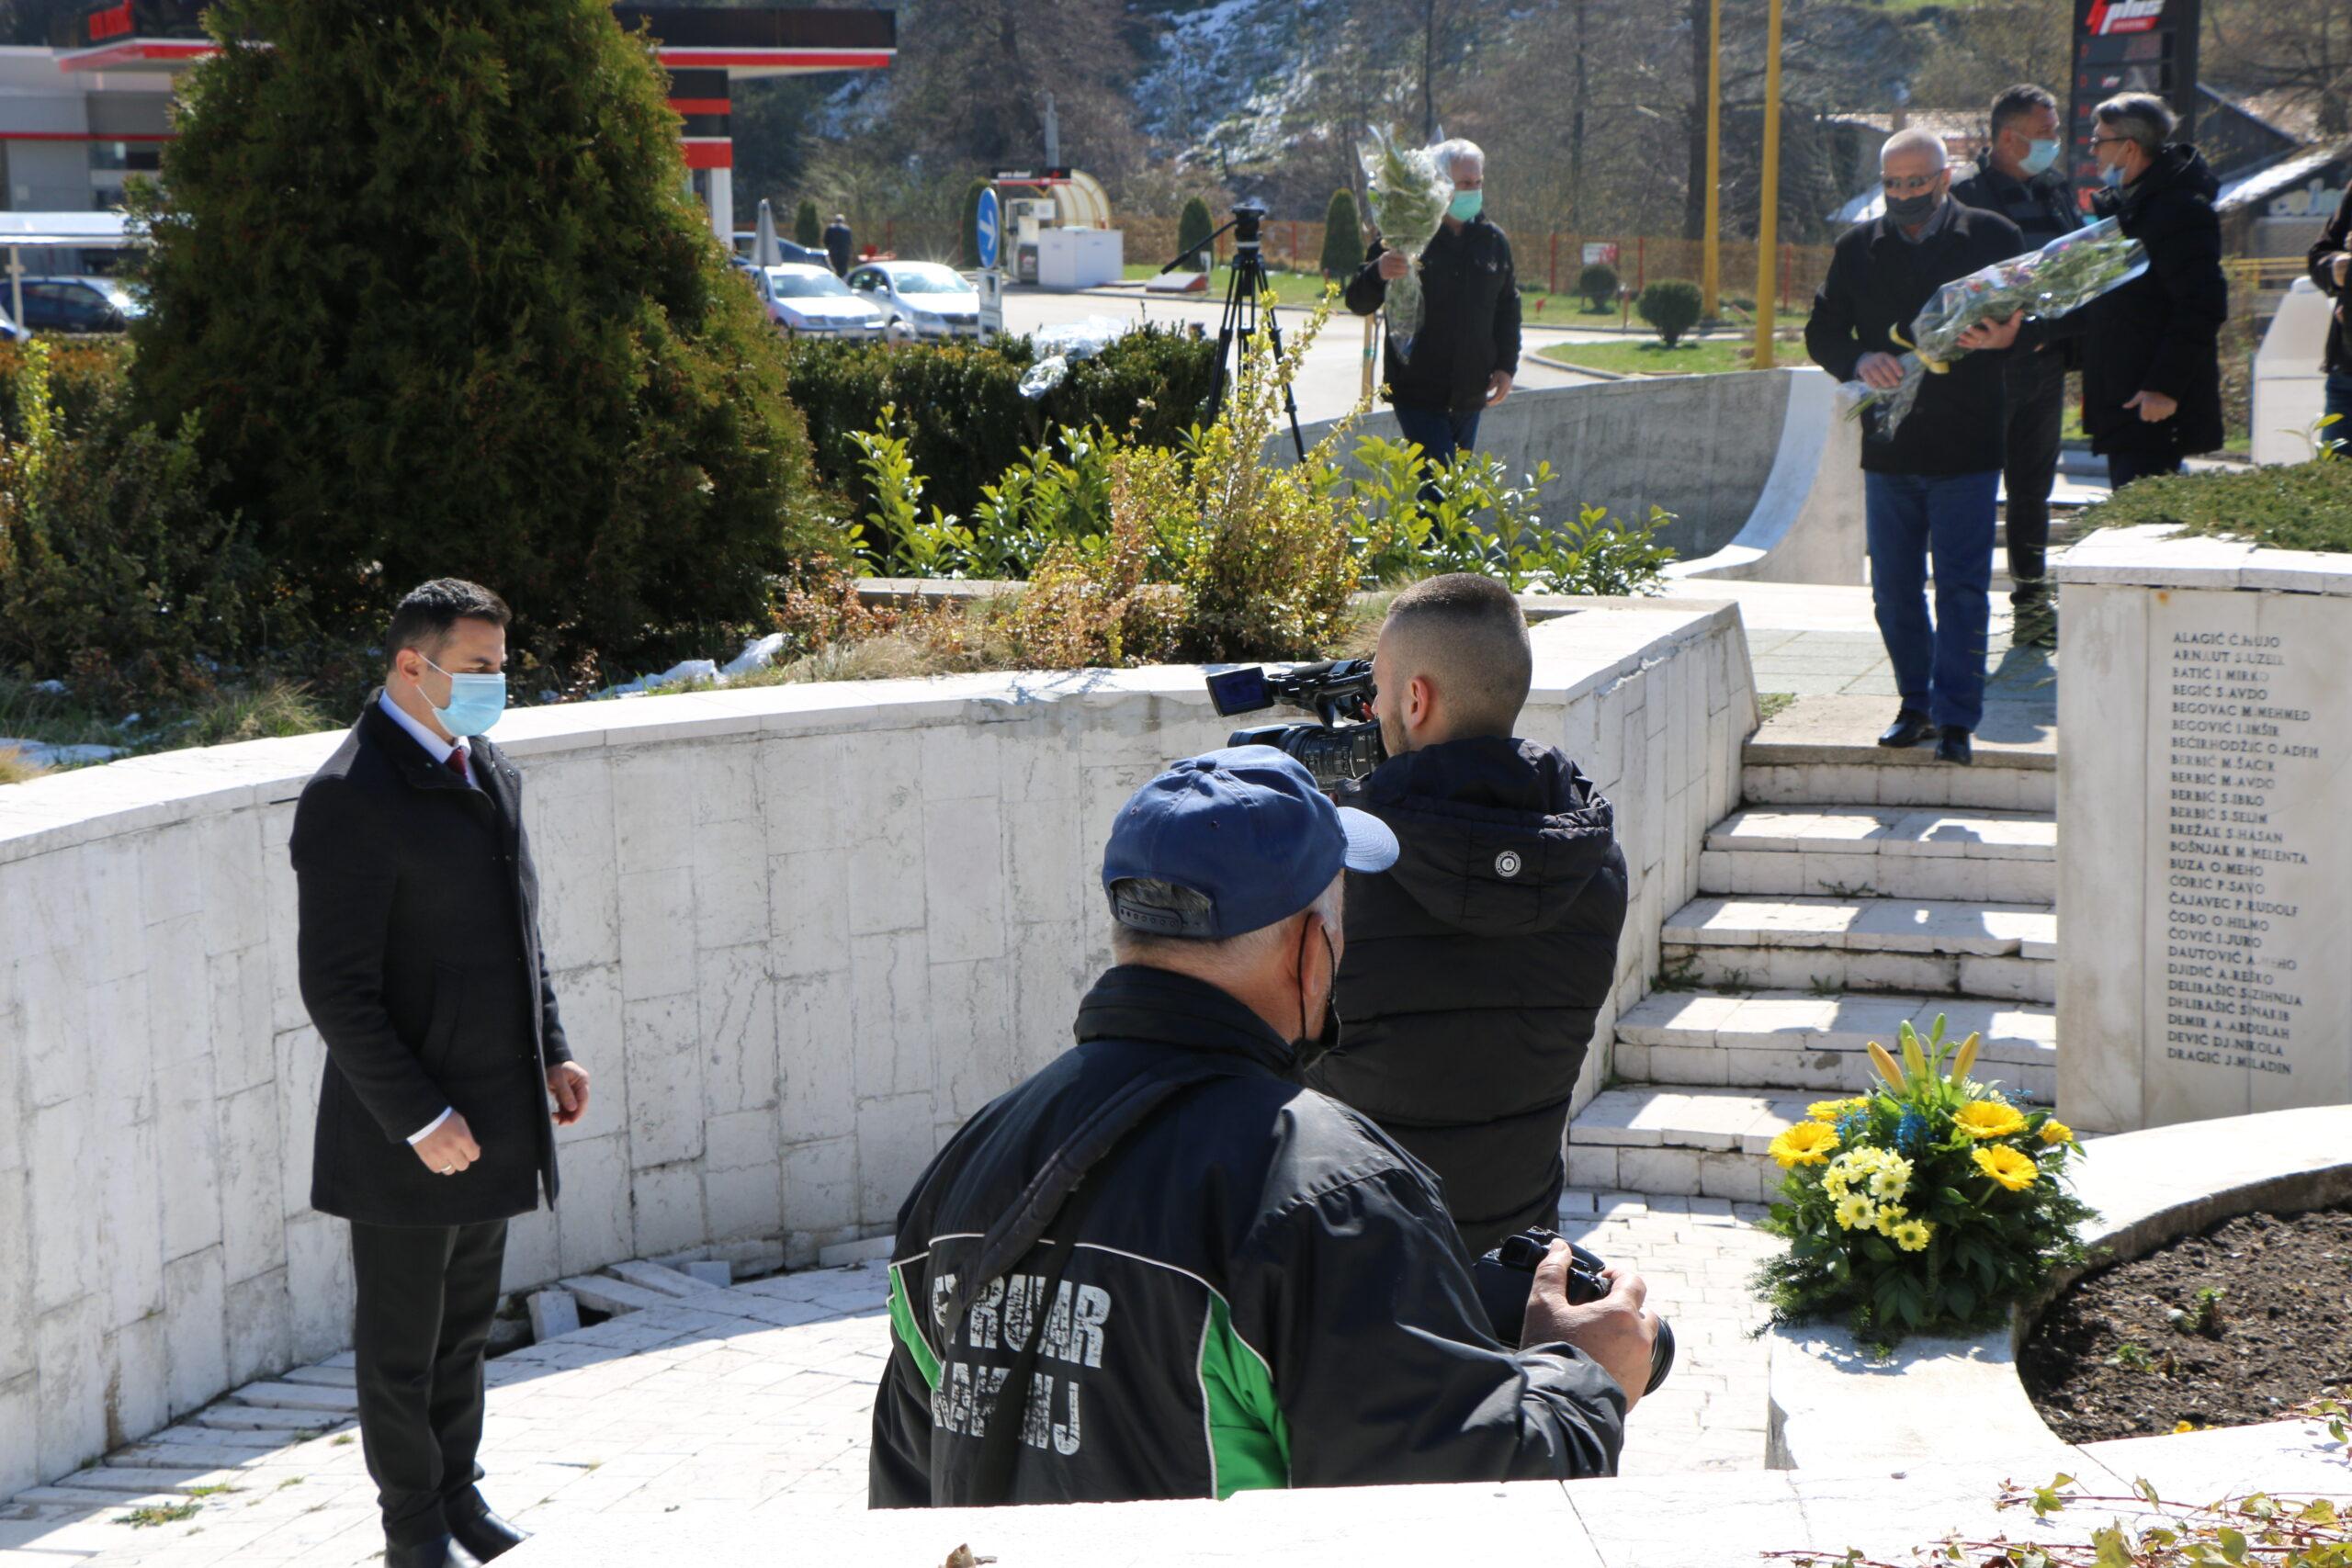 Gradski spomen-park: Položeno cvijeće na spomen-obilježja povodom 8. aprila-Dana oslobođenja Kaknja